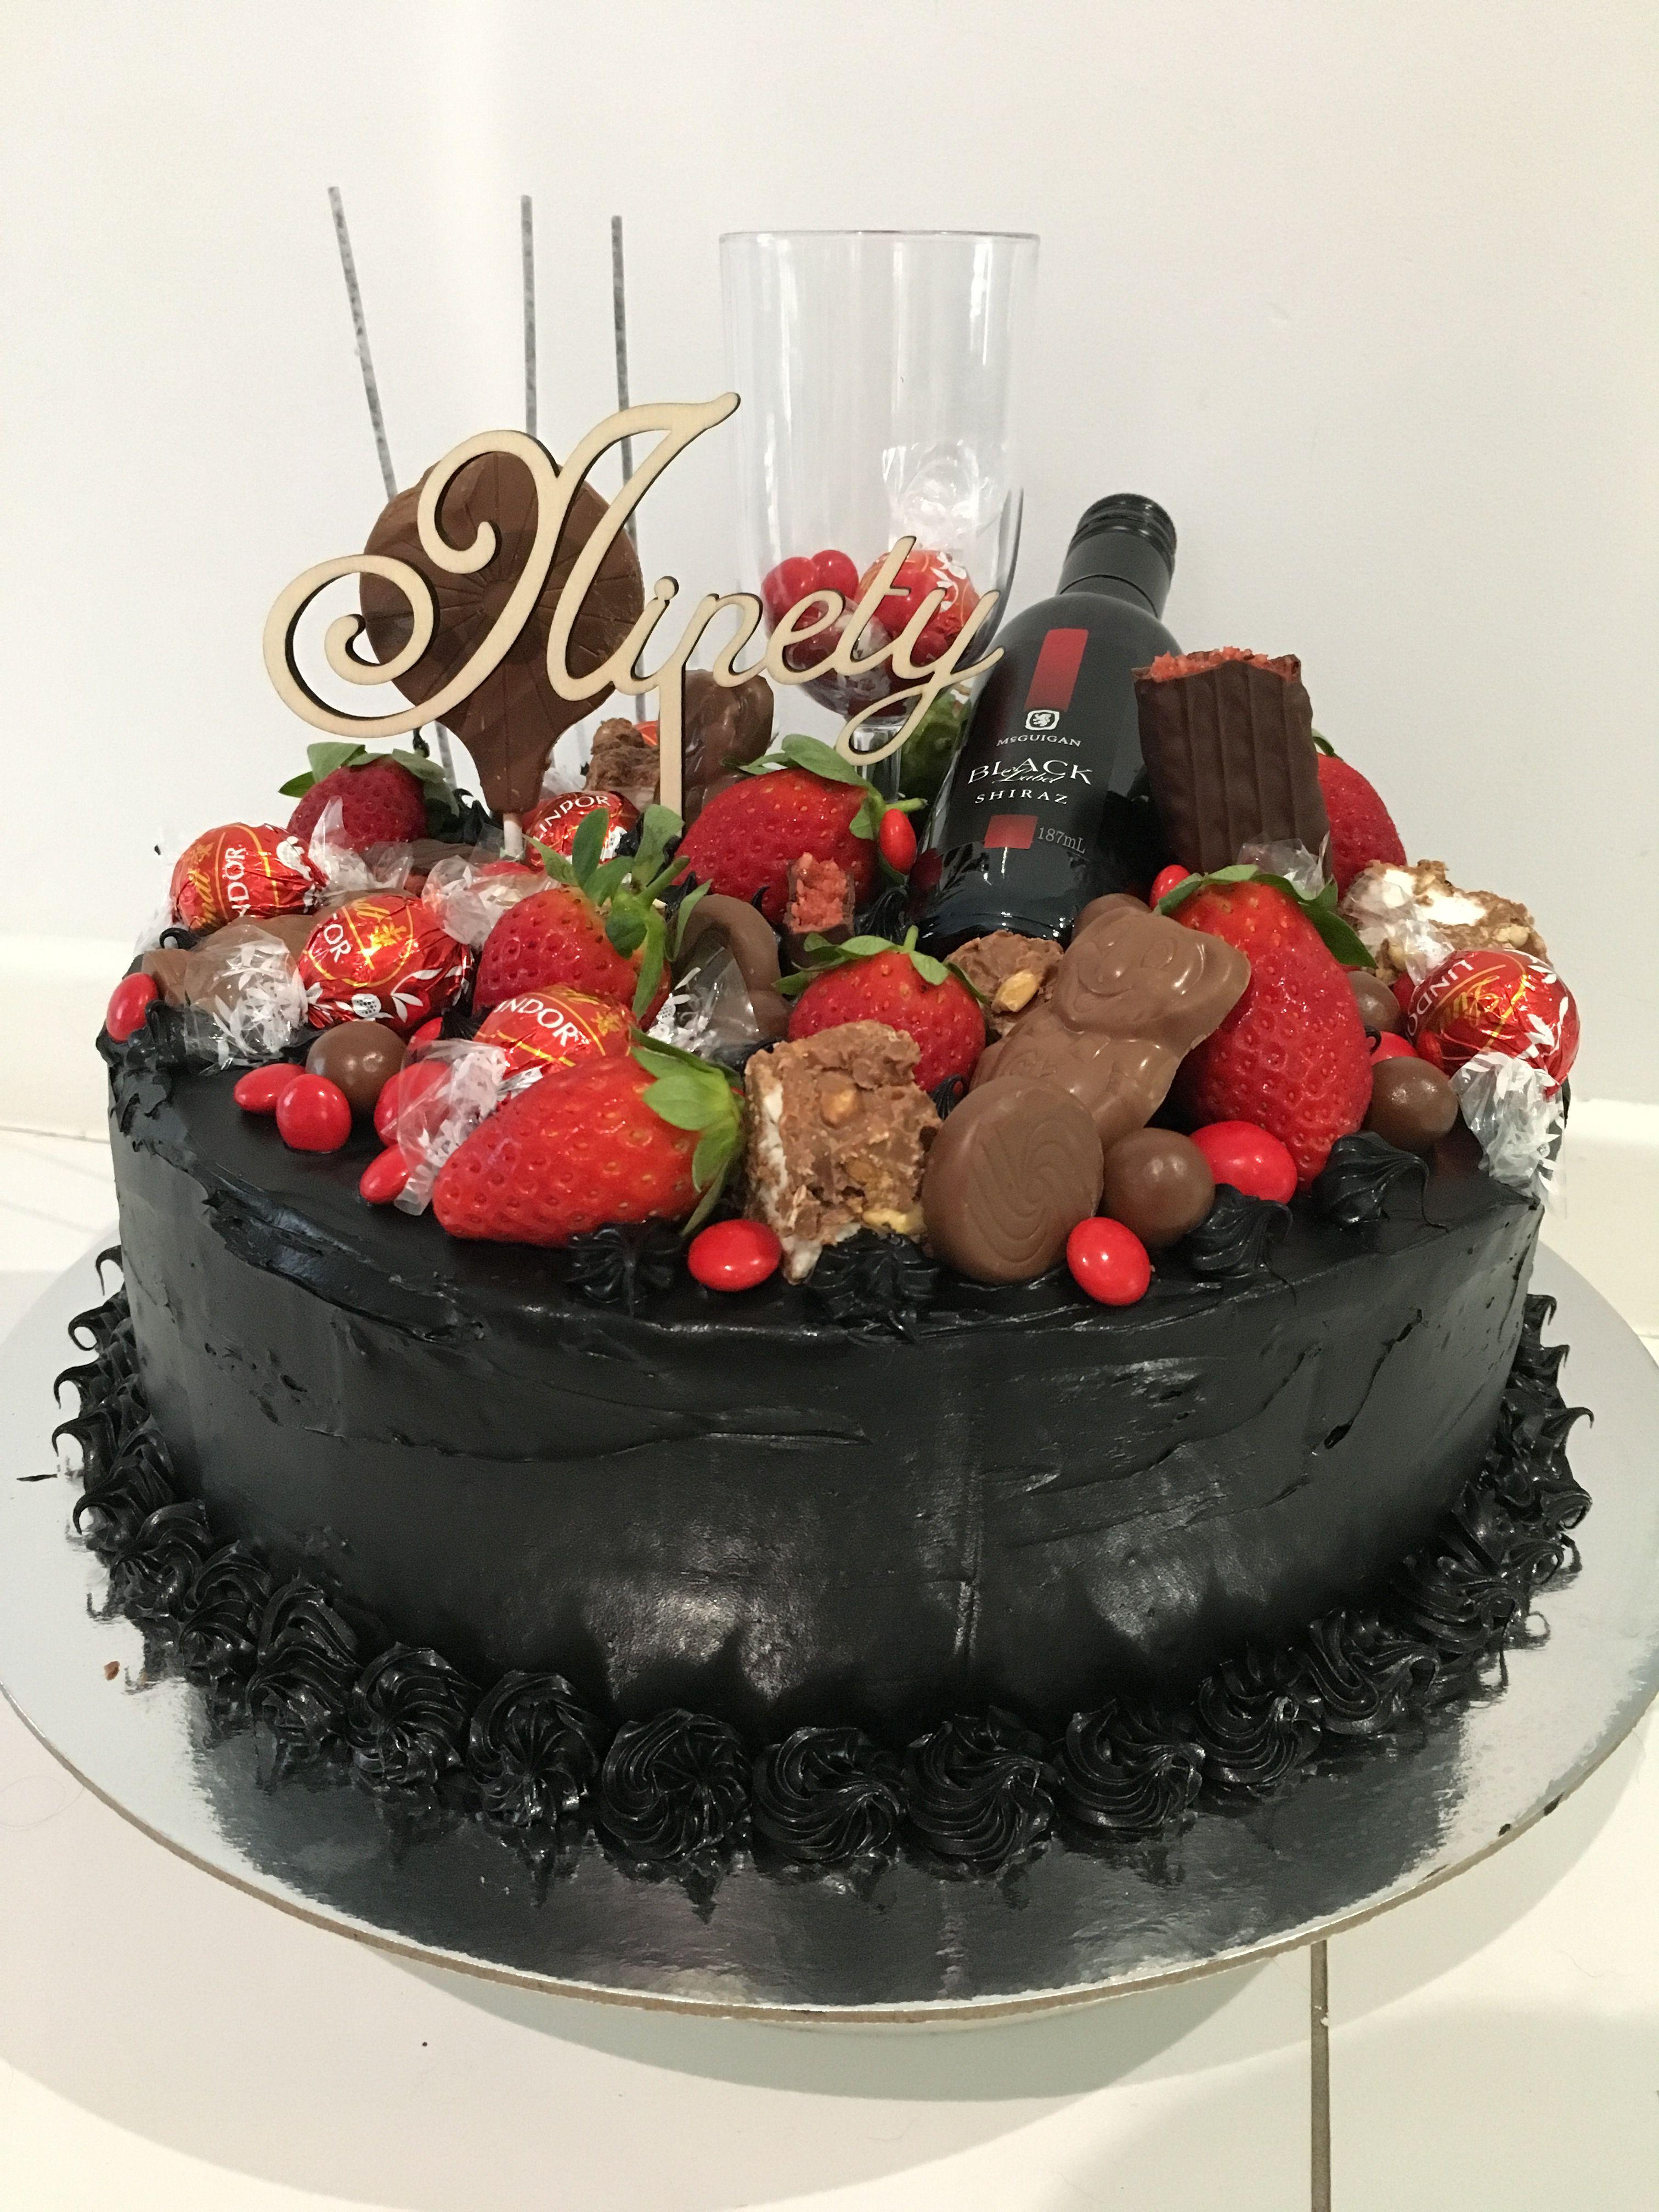 Red and black cake 90th Birthday cake Chocolate mud cake covered